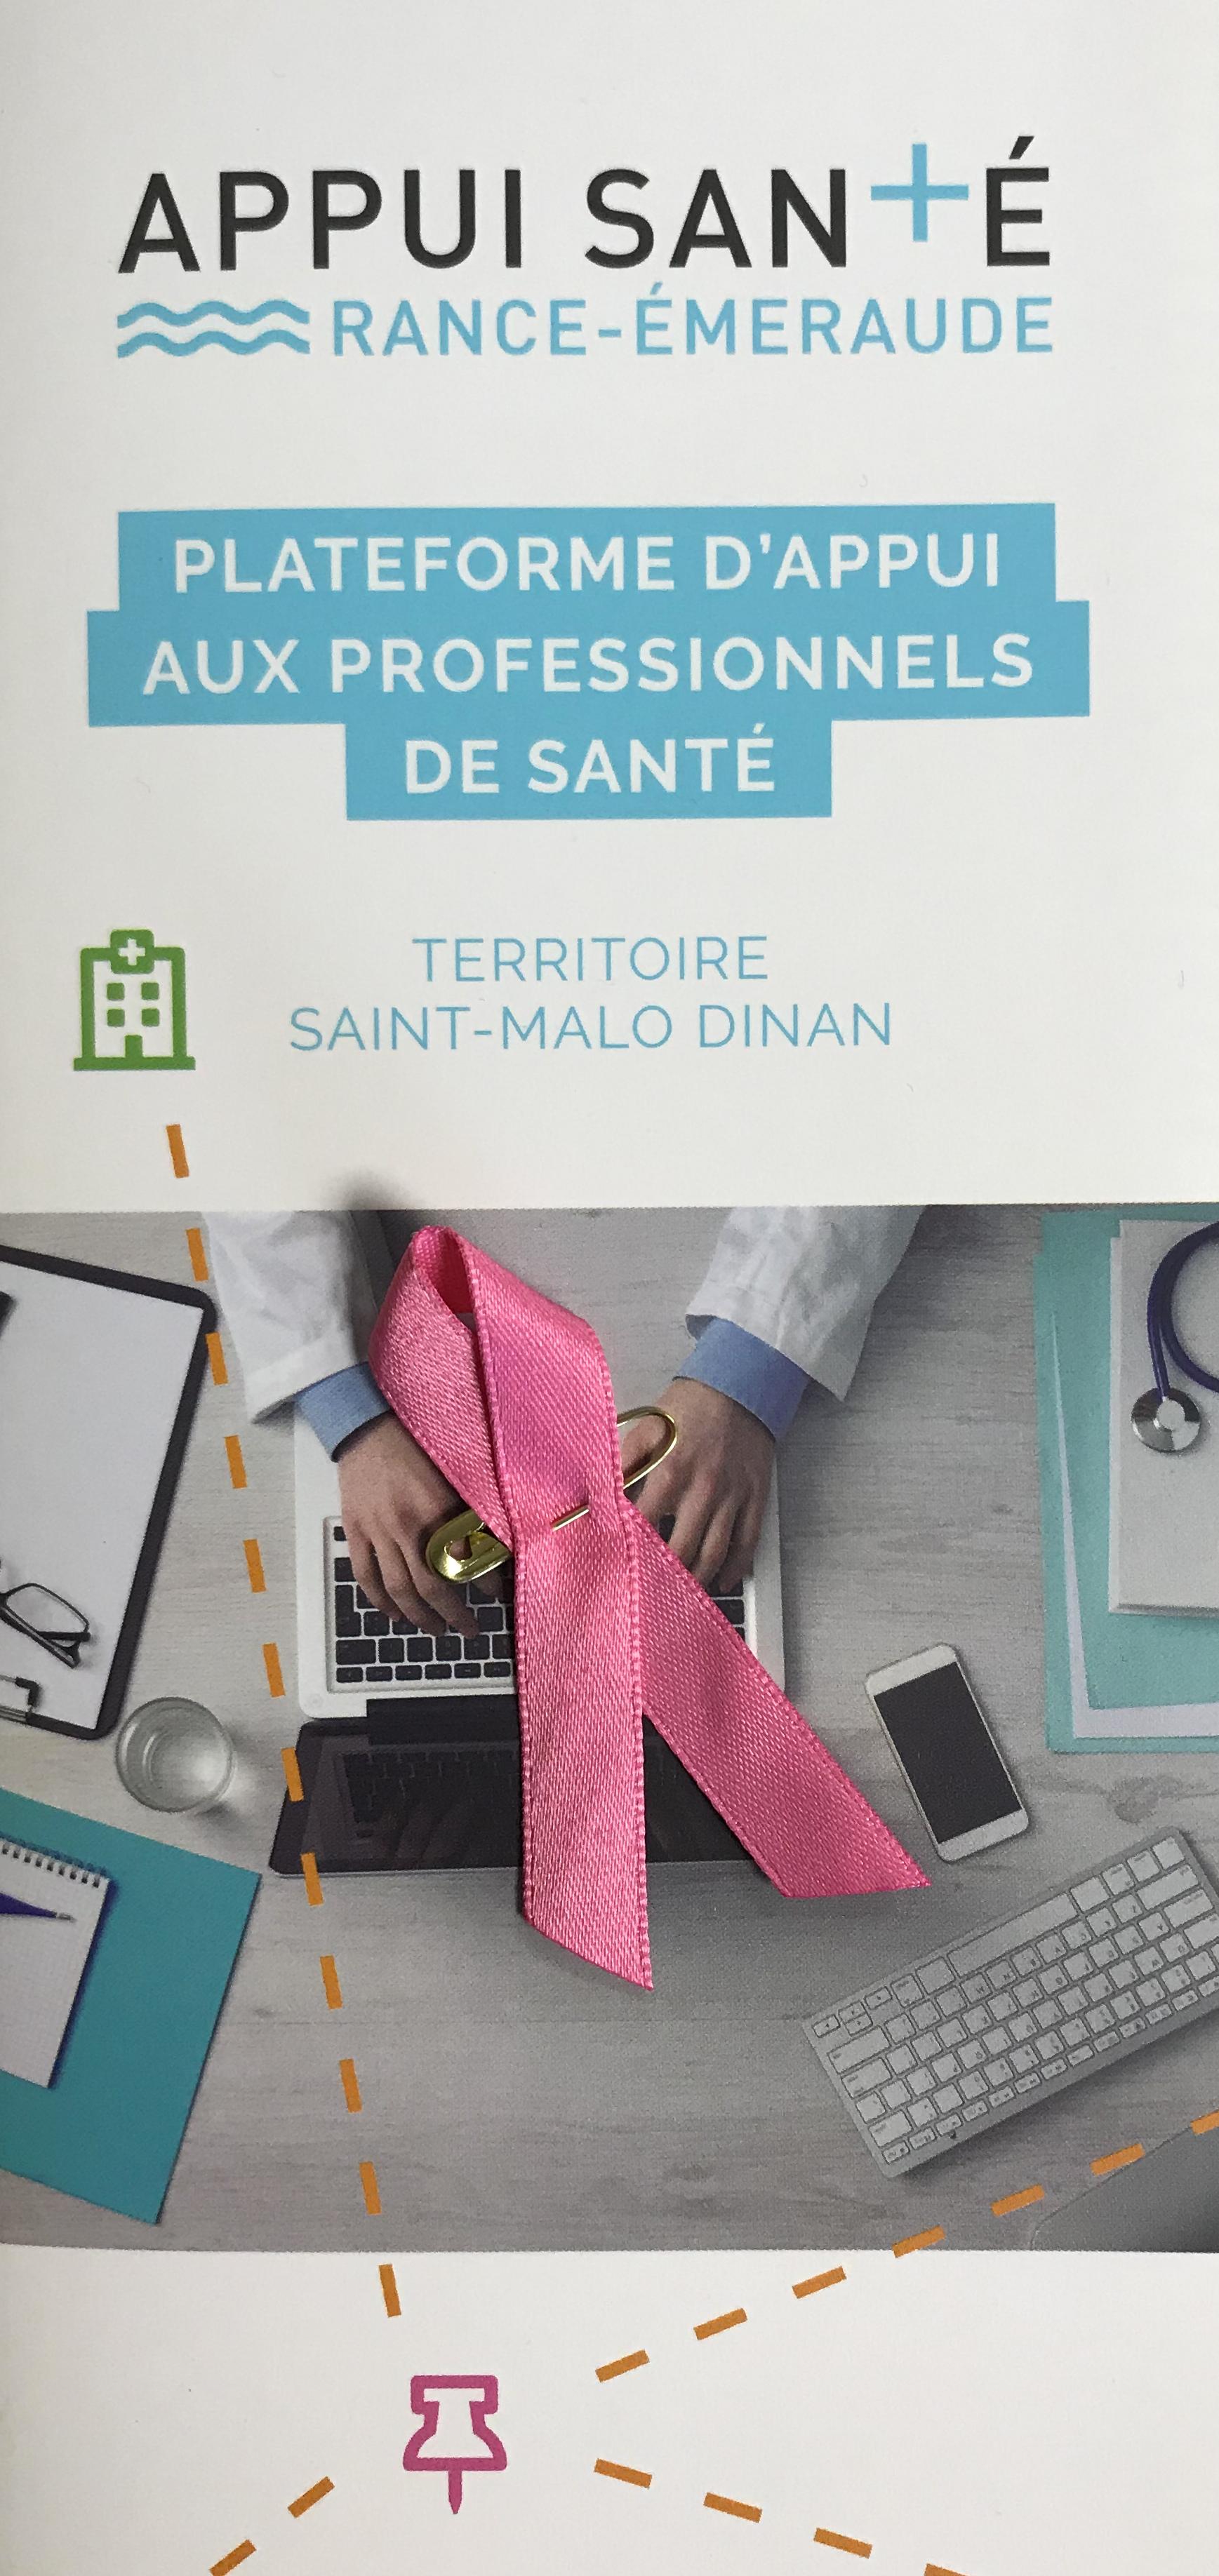 Octobre Roselutte contre le cancer du sein: Appui Santé Rance Emeraude mobilisé